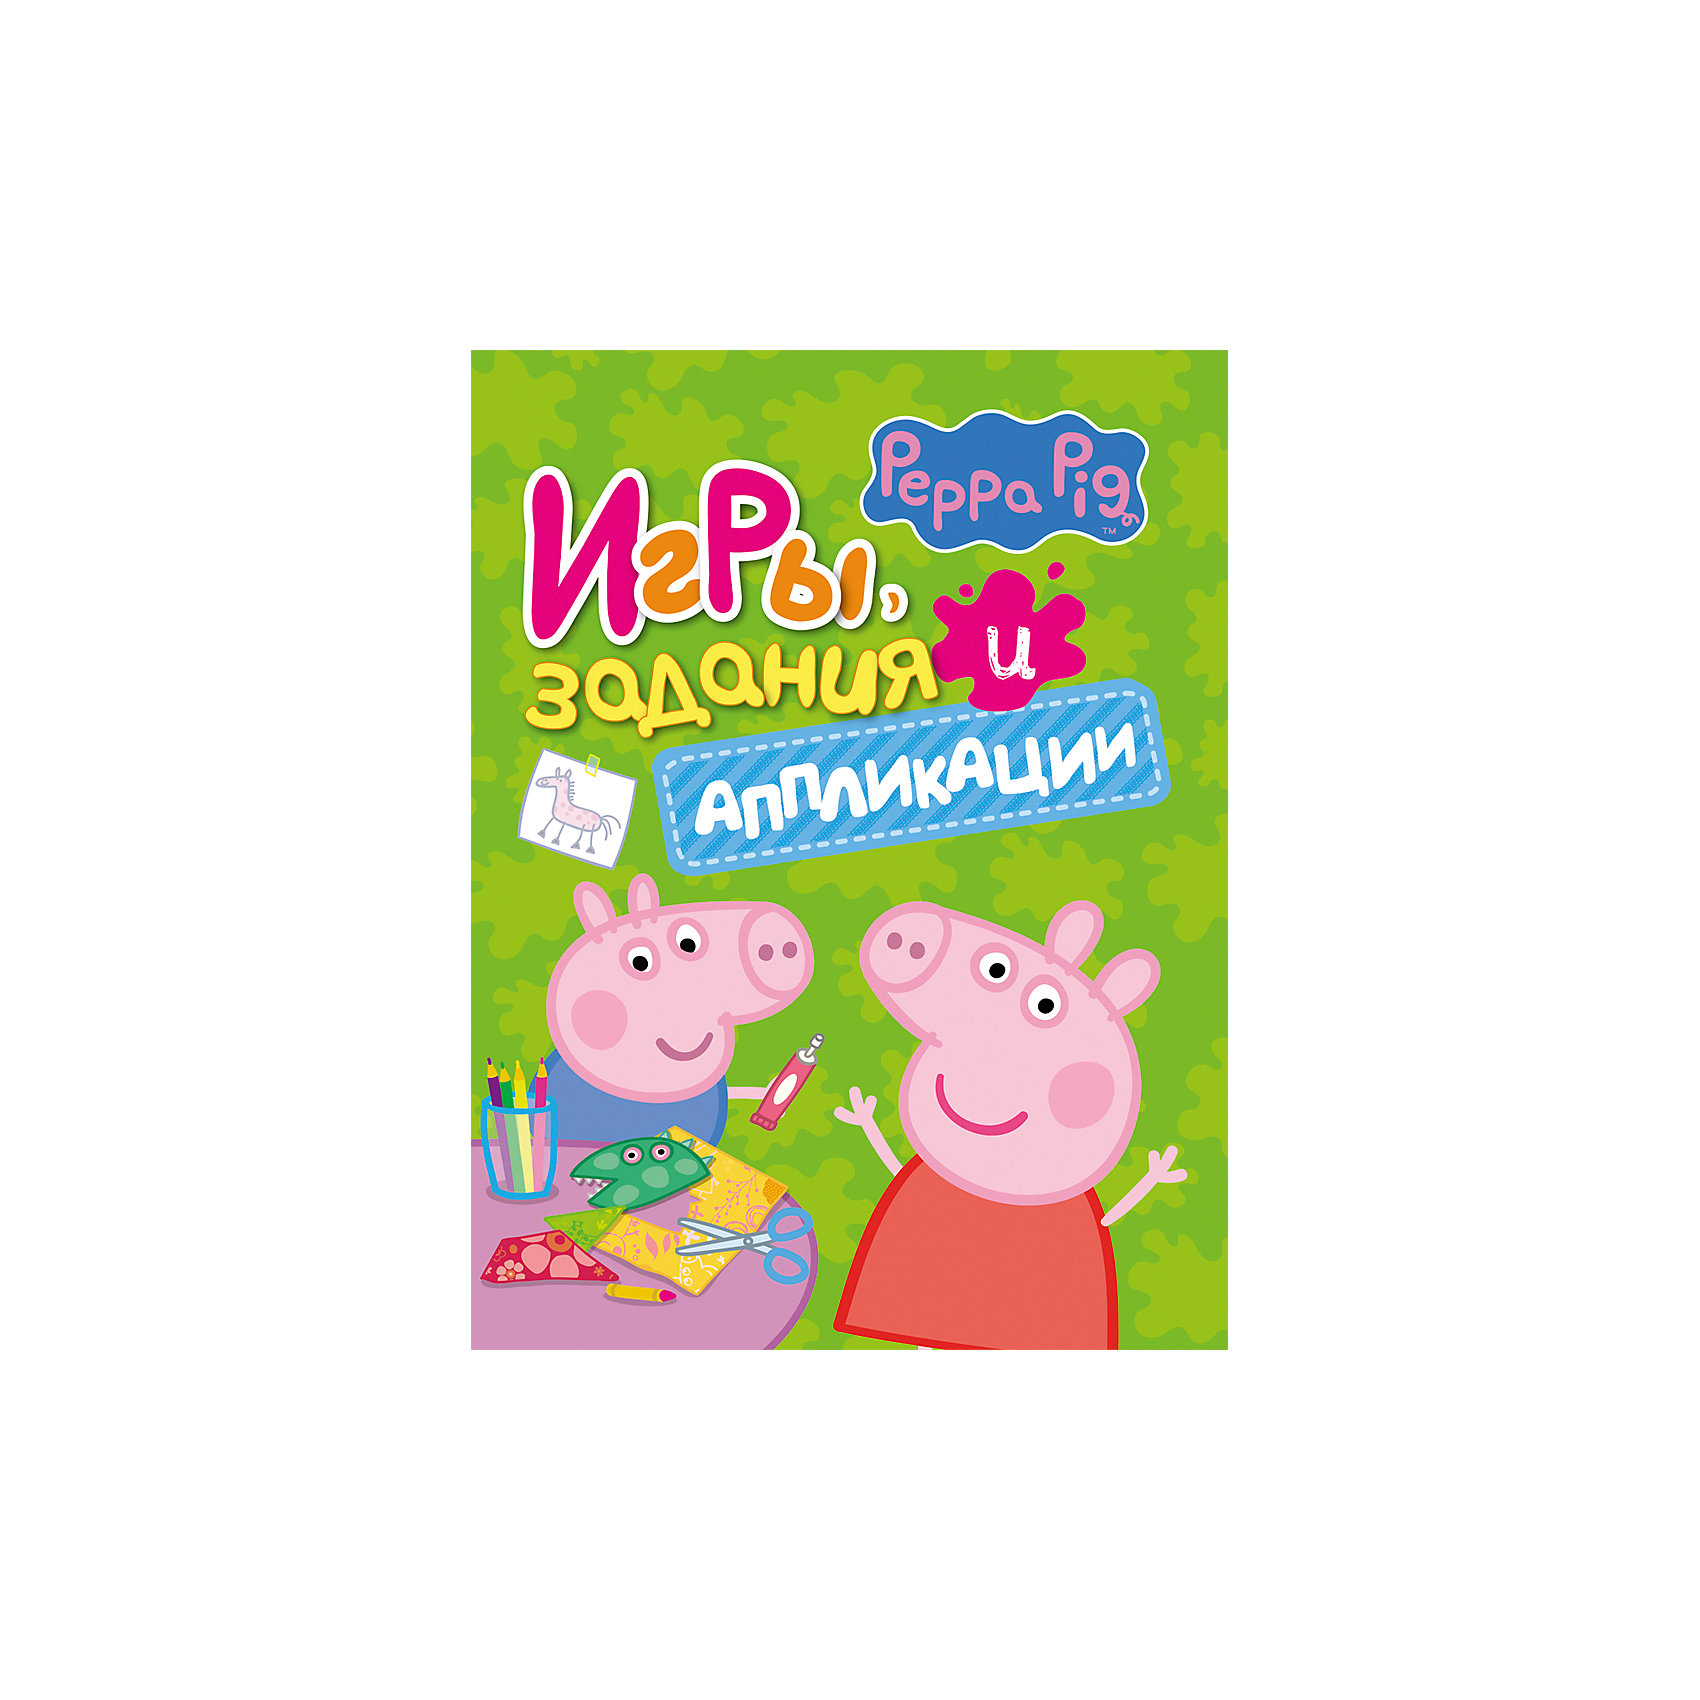 Росмэн Игры, задания и аппликации, Свинка Пеппа росмэн комплект свинка пеппа раскраски игры наклейки